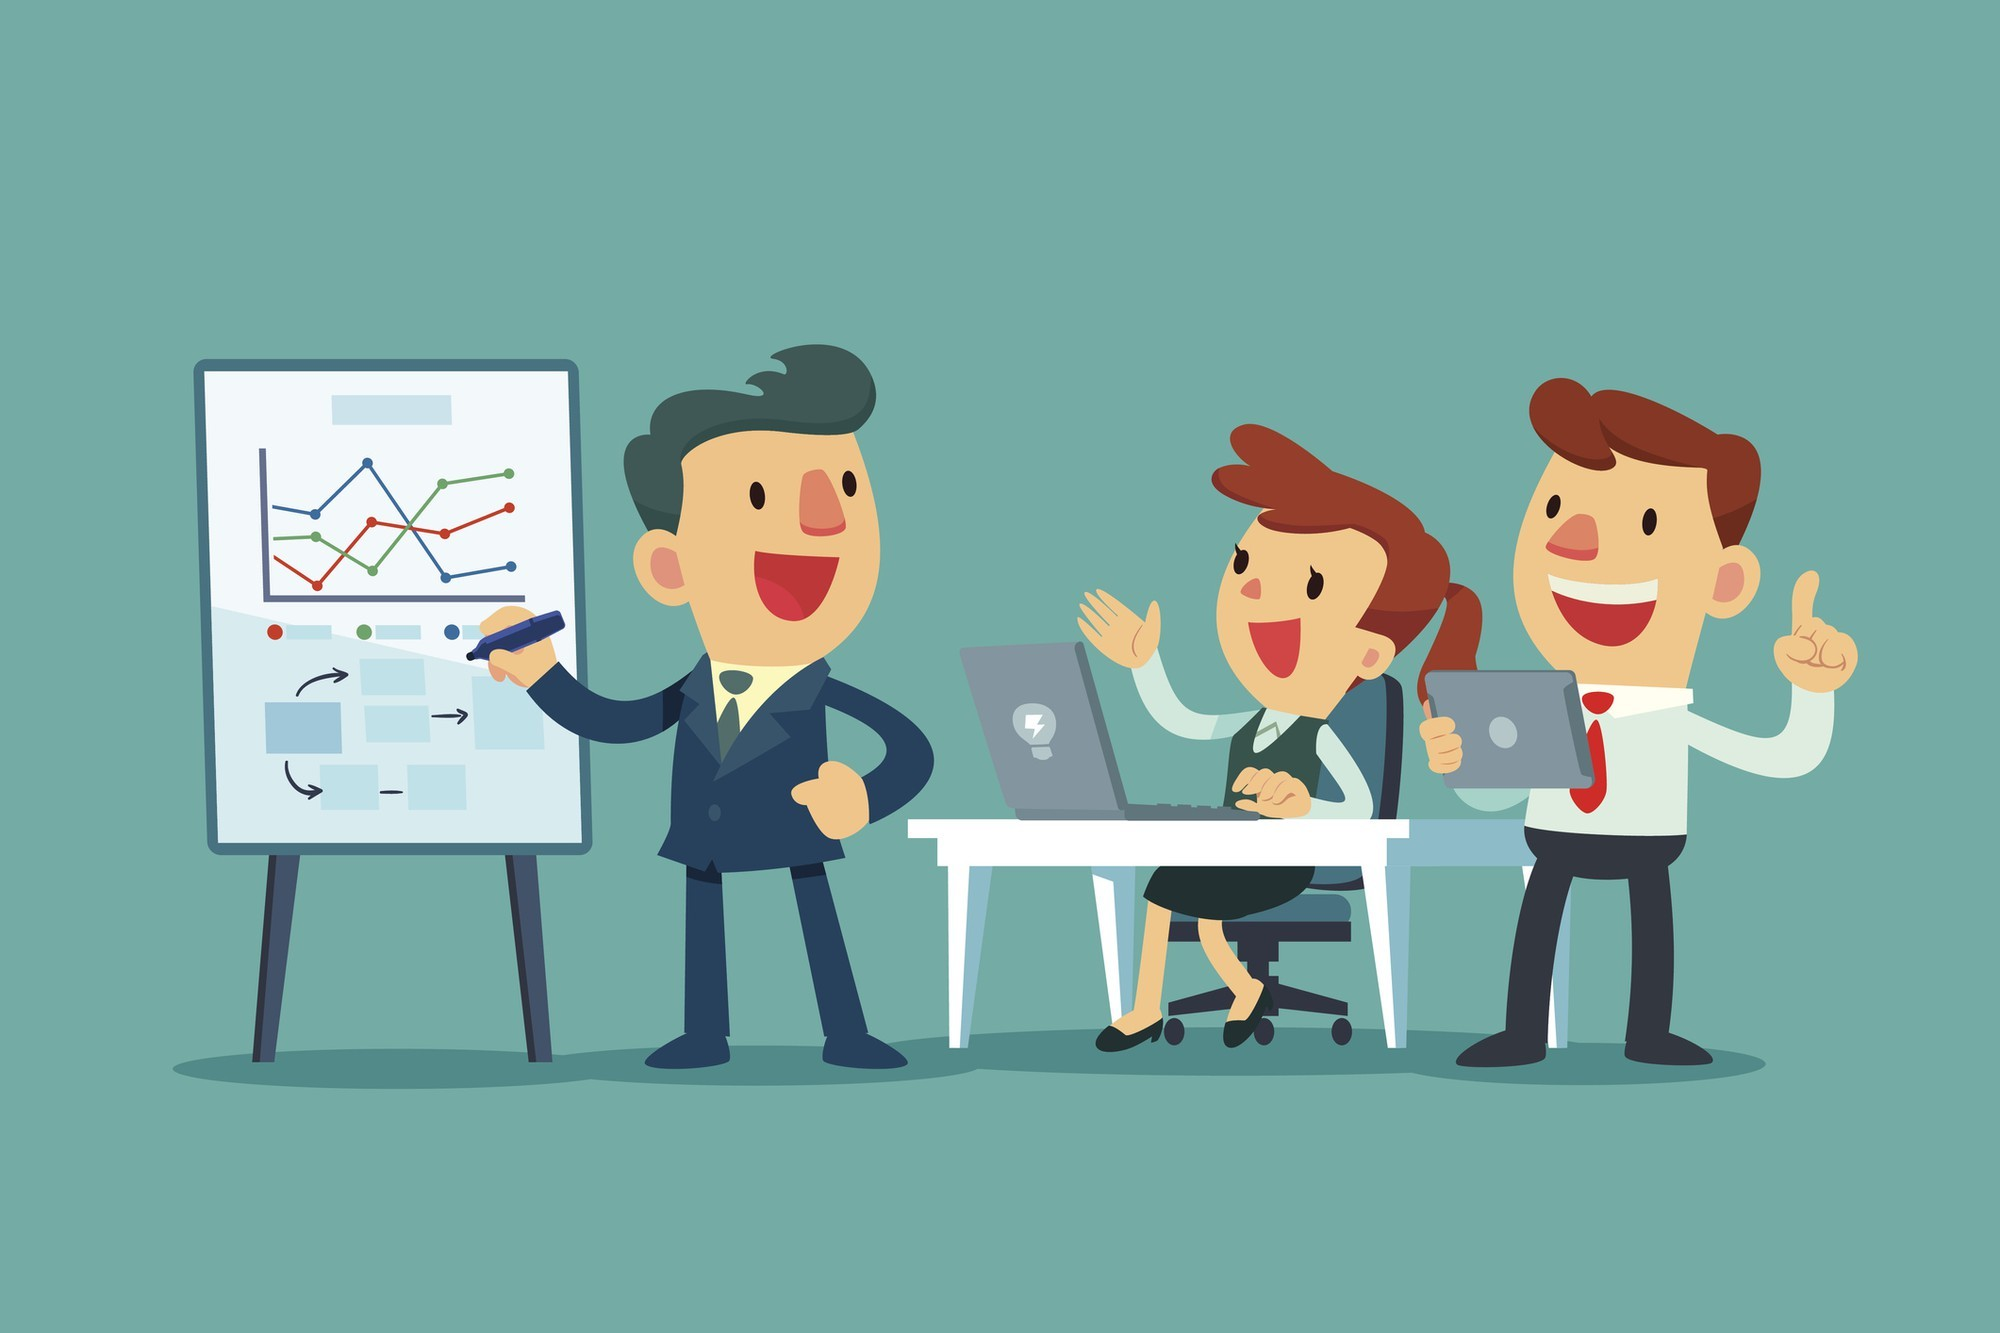 Joint stock company là gì? Và những điều thắc mắc bạn muốn biết -  Blogvieclam